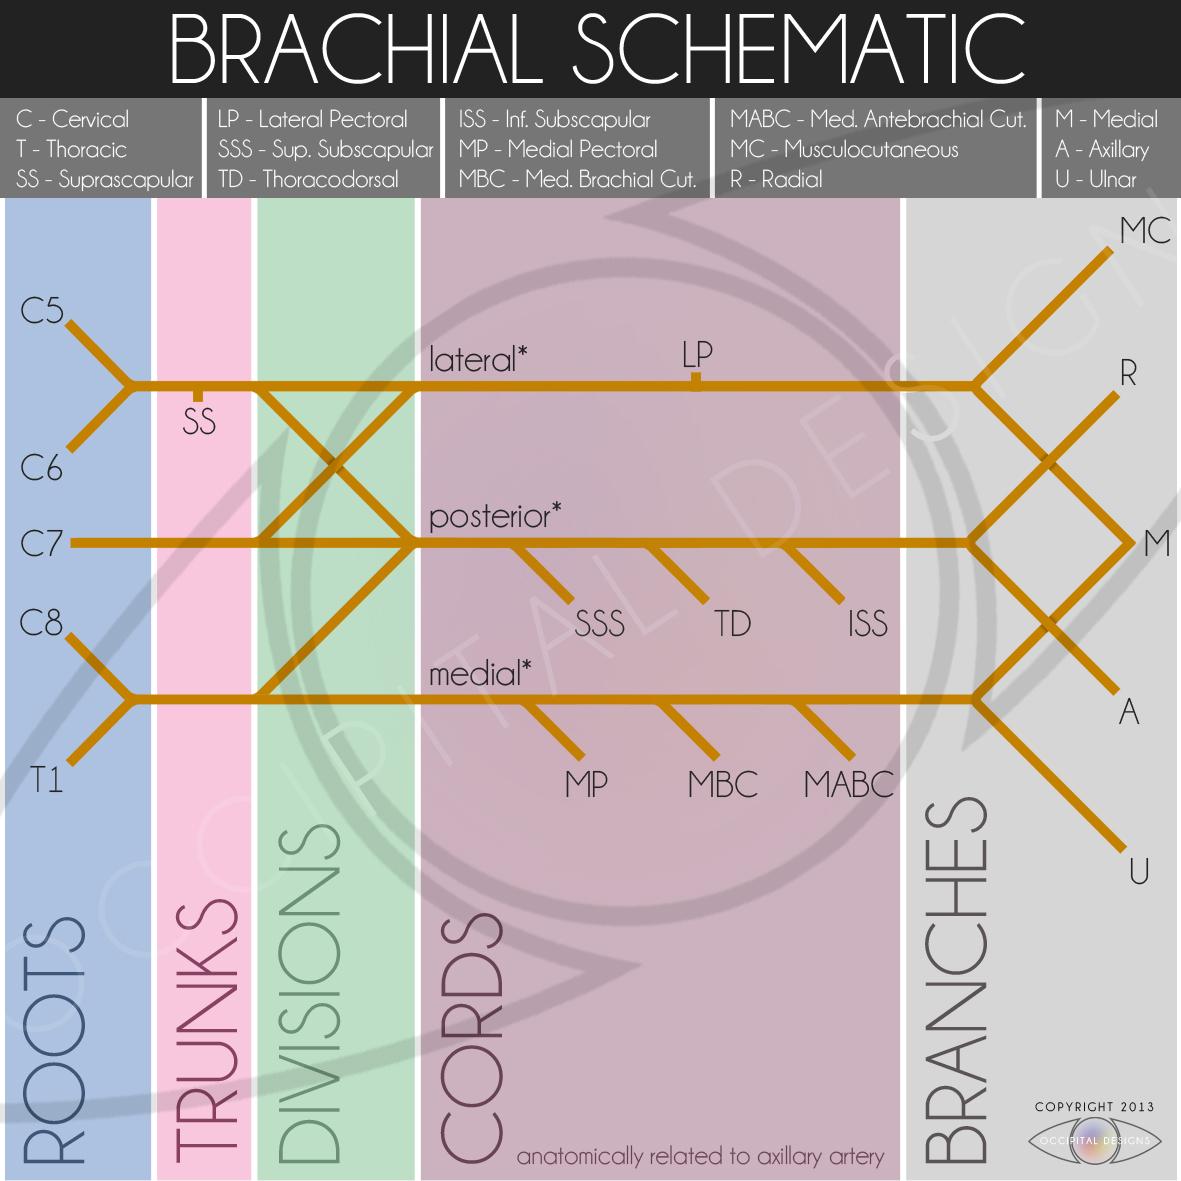 Brachial Schematic